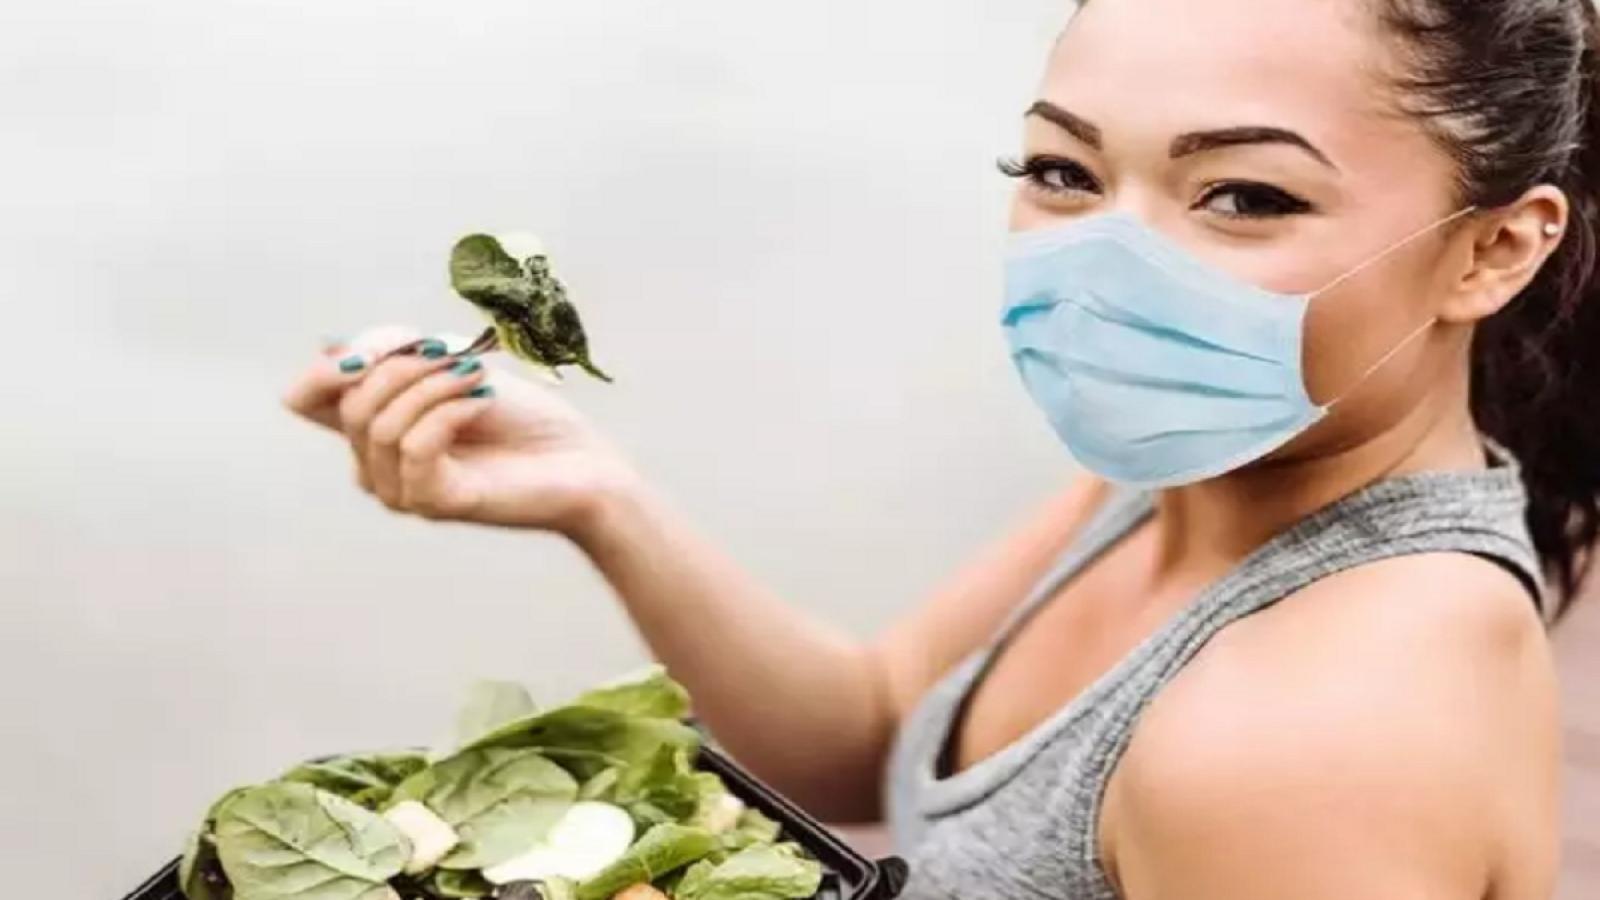 Thực phẩm có thể làm tăng hay giảm nguy cơ mắc COVID-19 không?